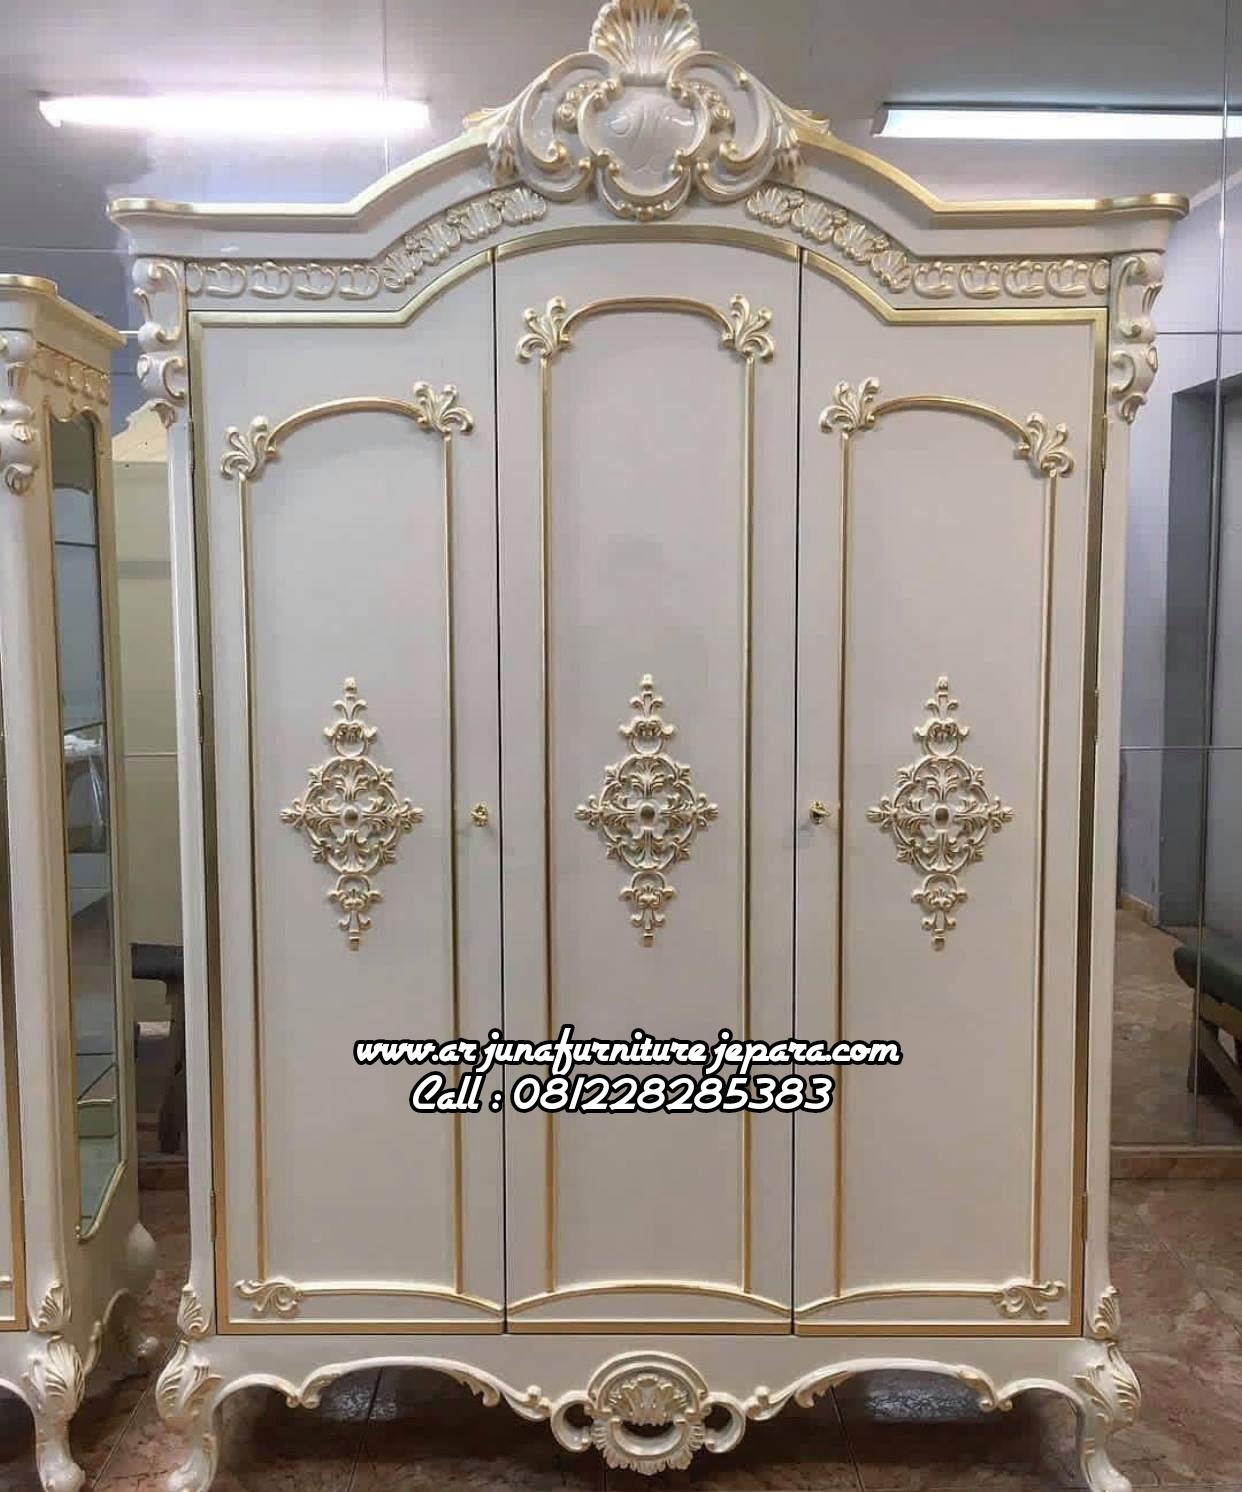 Lemari Pakaian Classic Putih Duco Almari Pakaian Klasik